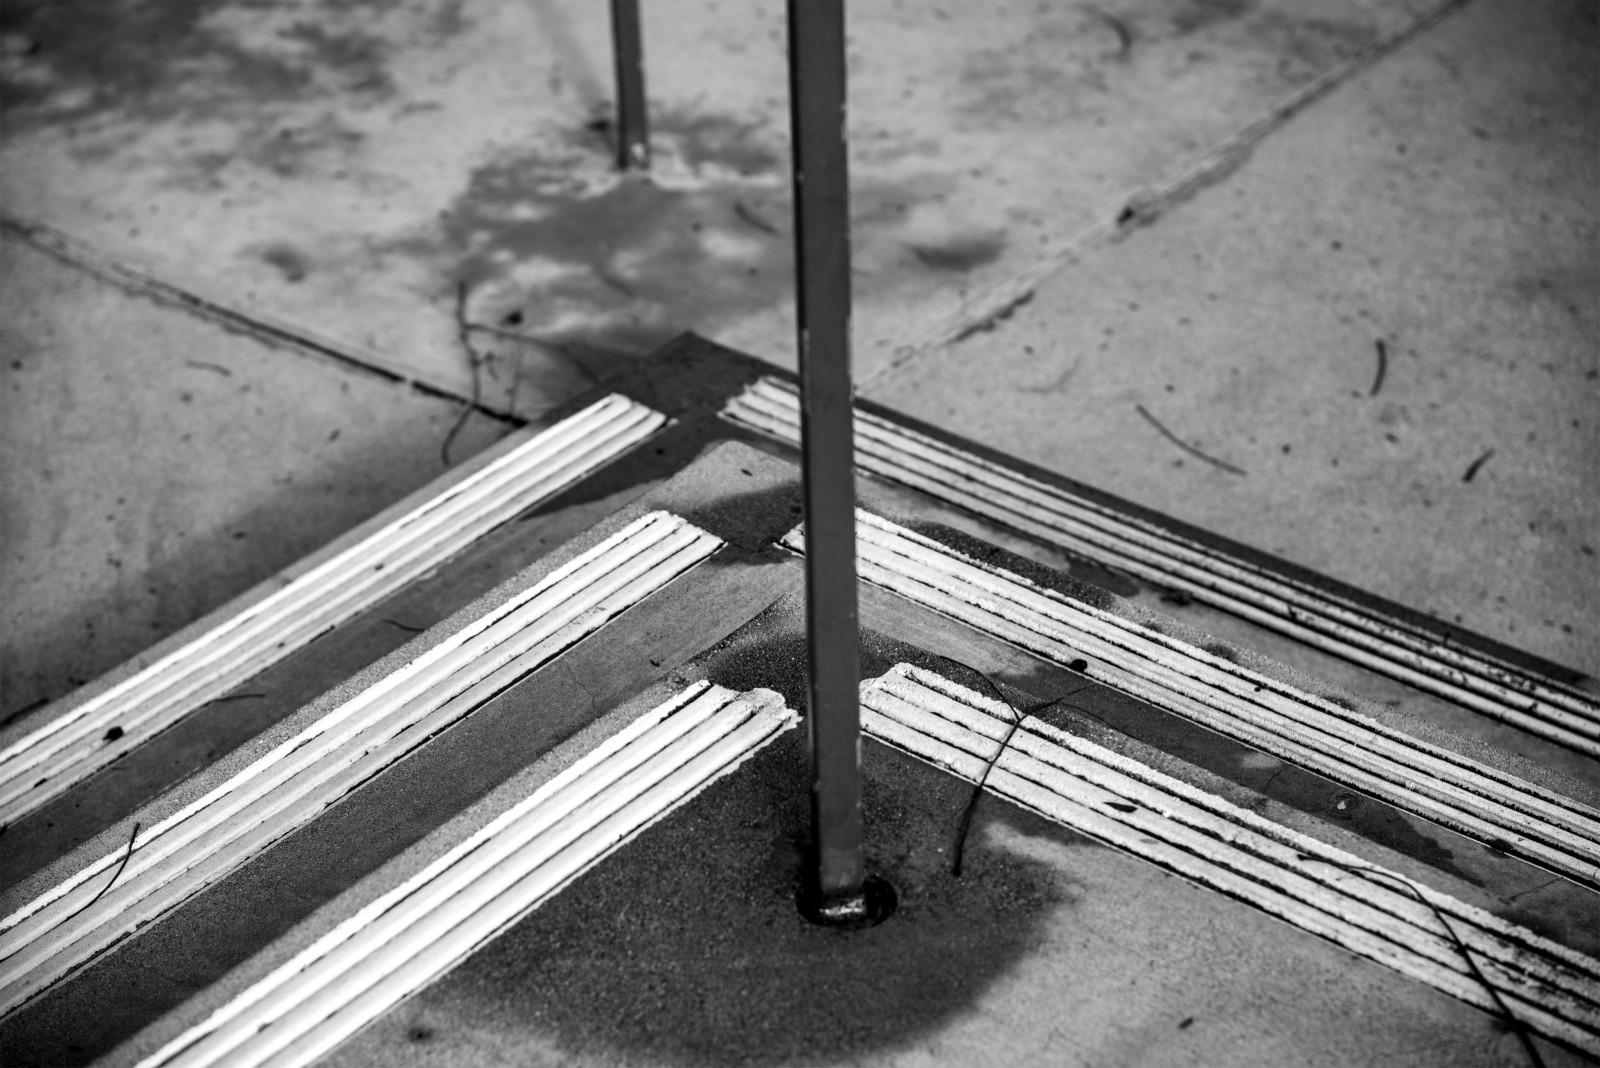 Holz Stehlen hintergrundbilder schwarz einfarbig regen fotografie holz